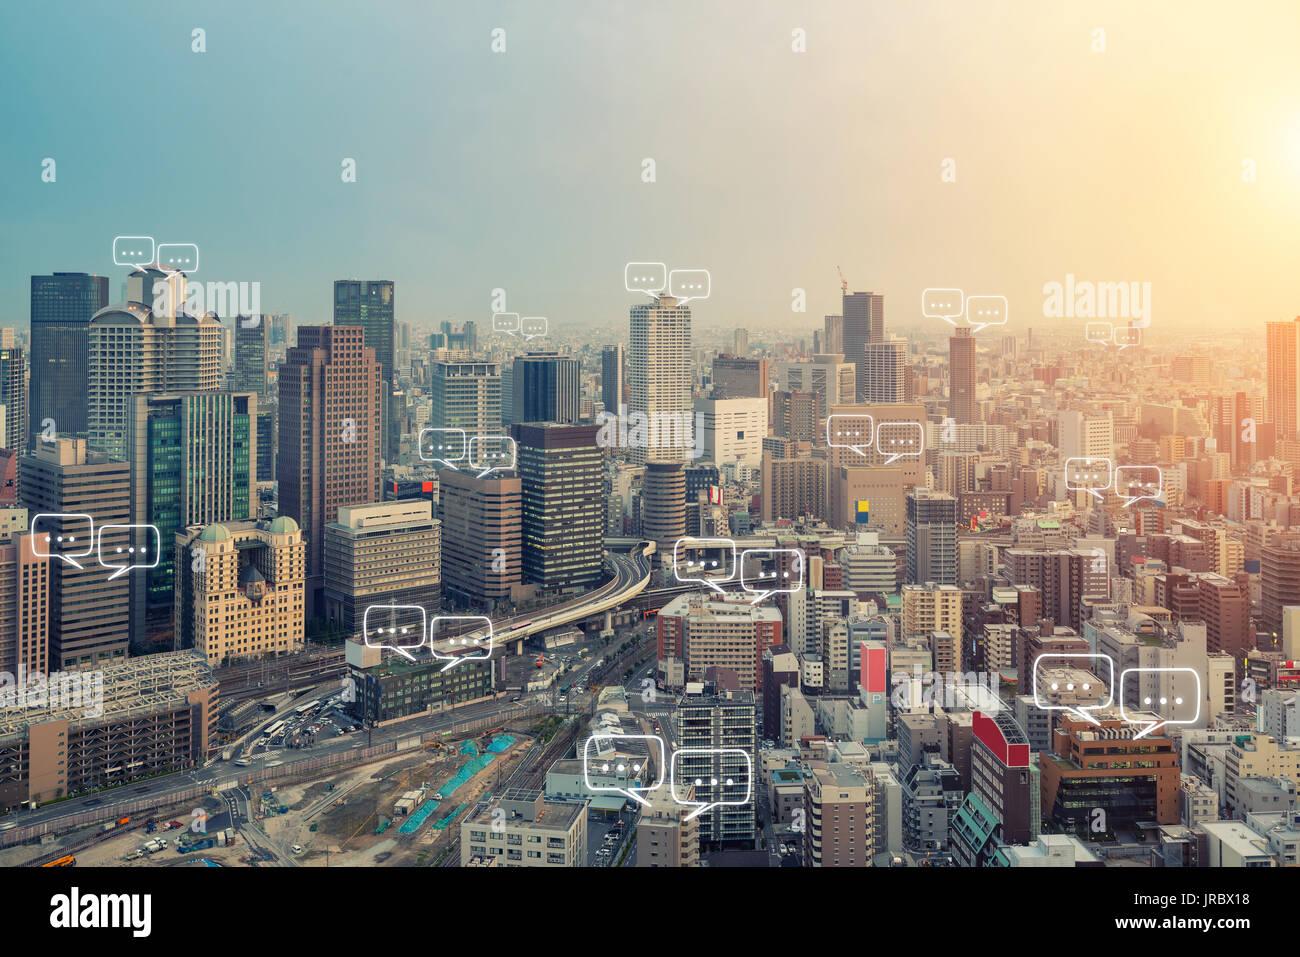 Leeren Raum für Text auf Osaka City und Bubble Chat für die Kommunikation. Technologie und Kommunikation Konzept. Internet der Sache. Stockbild